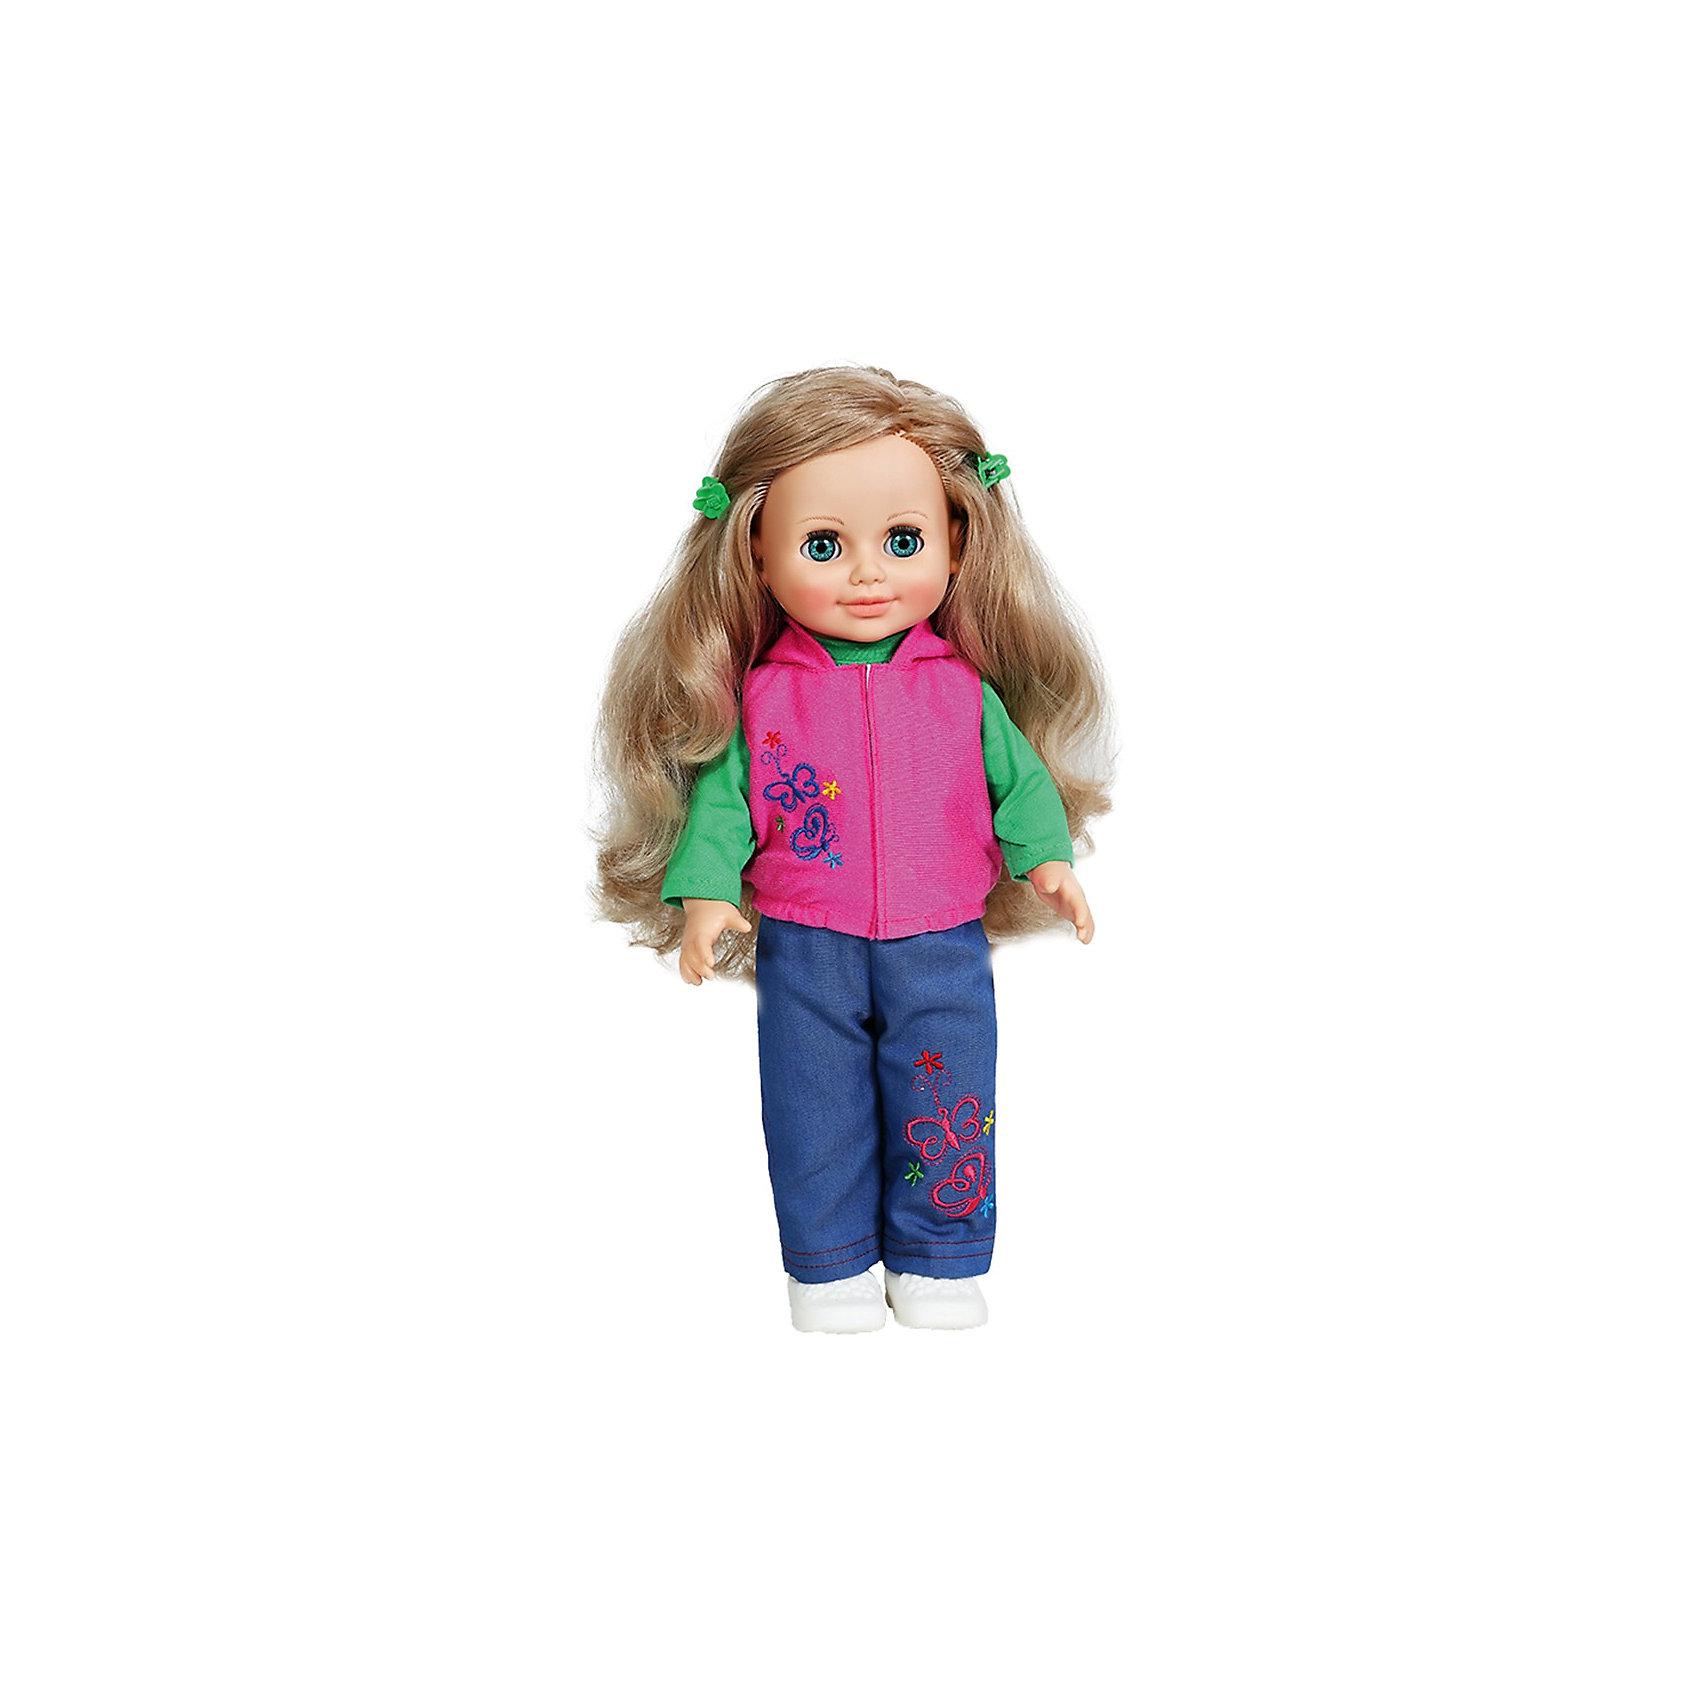 Кукла Анна 6, со звуком, ВеснаЭта очаровательная белокурая красавица покорит сердце любой девочки! Куколка одета в стильный наряд, состоящий из зеленой водолазки, розовой жилетки и синих брючек. Жилетка и брюки украшены оригинальной вышивкой. Волосы Анны мягкие и послушные, из них получится множество замечательных причесок. Кукла оснащена звуковым модулем, она умеет произносить фразы и предложения, которые не только порадуют девочку, но и помогут ей расширить свой словарный запас, откроют возможности для различных игровых сюжетов. Игрушка выполнена из высококачественных нетоксичных материалов абсолютно безопасных для детей.<br><br>Дополнительная информация:<br><br>- Материал: пластизол, пластик, текстиль.<br>- Размер: 42 см.<br>- Комплектация: кукла в одежде и обуви. <br>- Звуковые эффекты: фразы и предложения. <br>- Голова, руки, ноги подвижные.<br>- Глаза могут закрываться. <br><br>Куклу Анну, со звуком, Весна, можно купить в нашем магазине.<br><br>Ширина мм: 490<br>Глубина мм: 210<br>Высота мм: 130<br>Вес г: 550<br>Возраст от месяцев: 36<br>Возраст до месяцев: 120<br>Пол: Женский<br>Возраст: Детский<br>SKU: 4595146